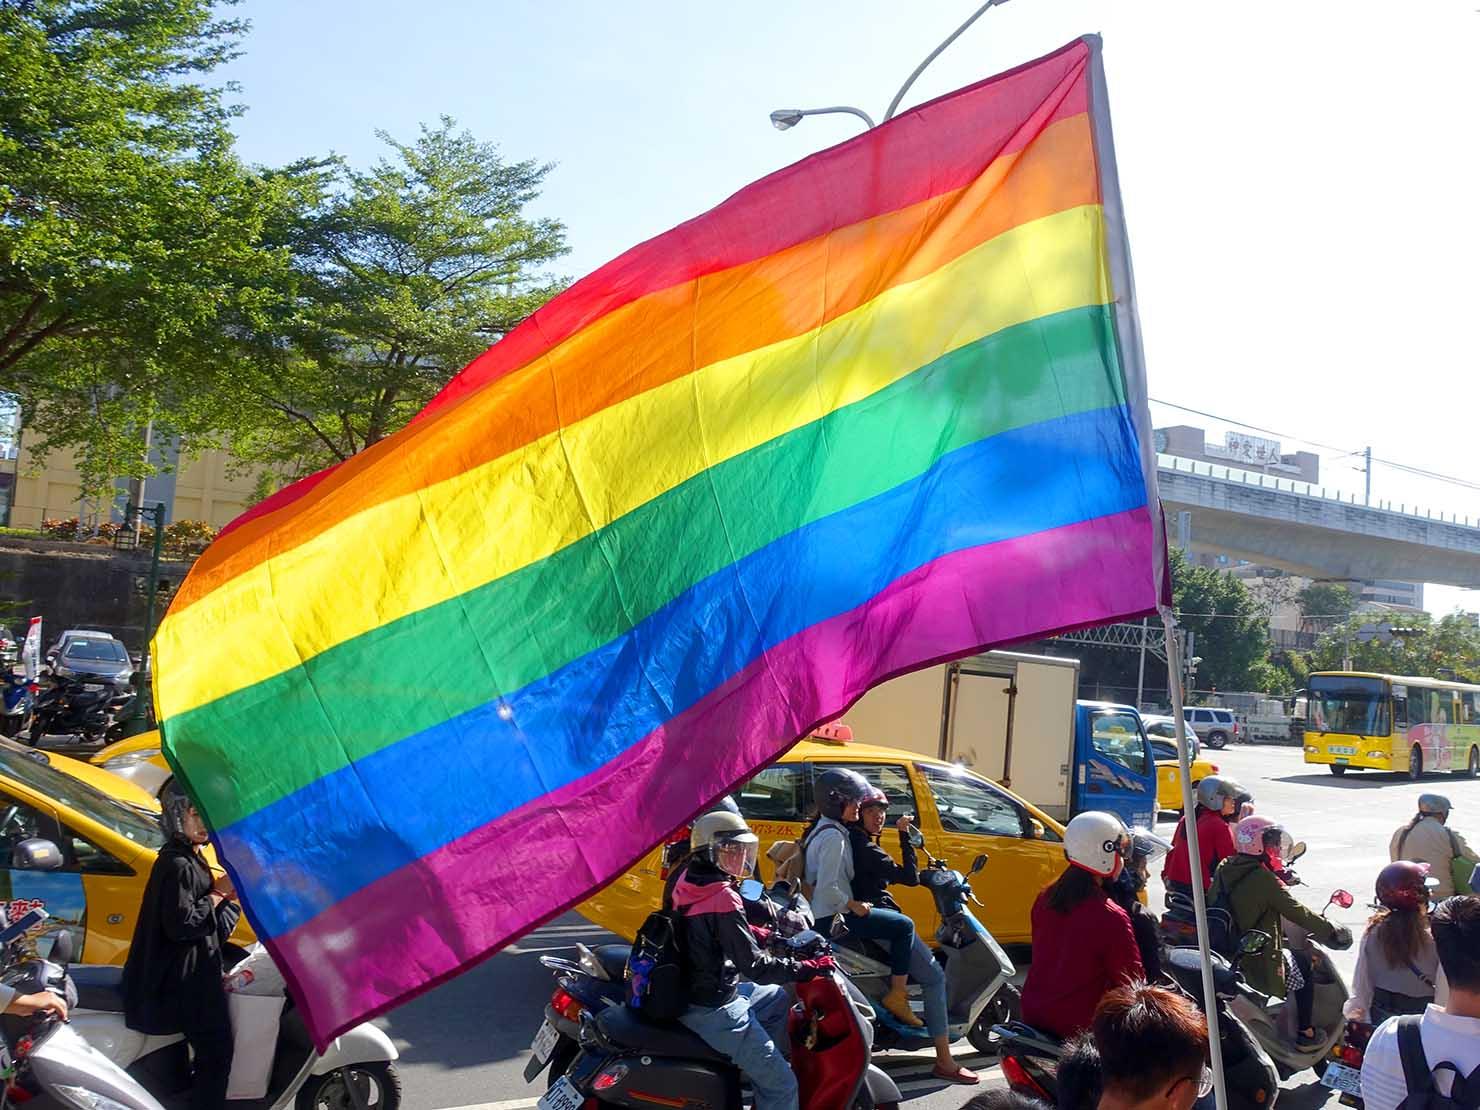 台中同志遊行(台中LGBTプライド)2019のパレードにはためくレインボーフラッグ